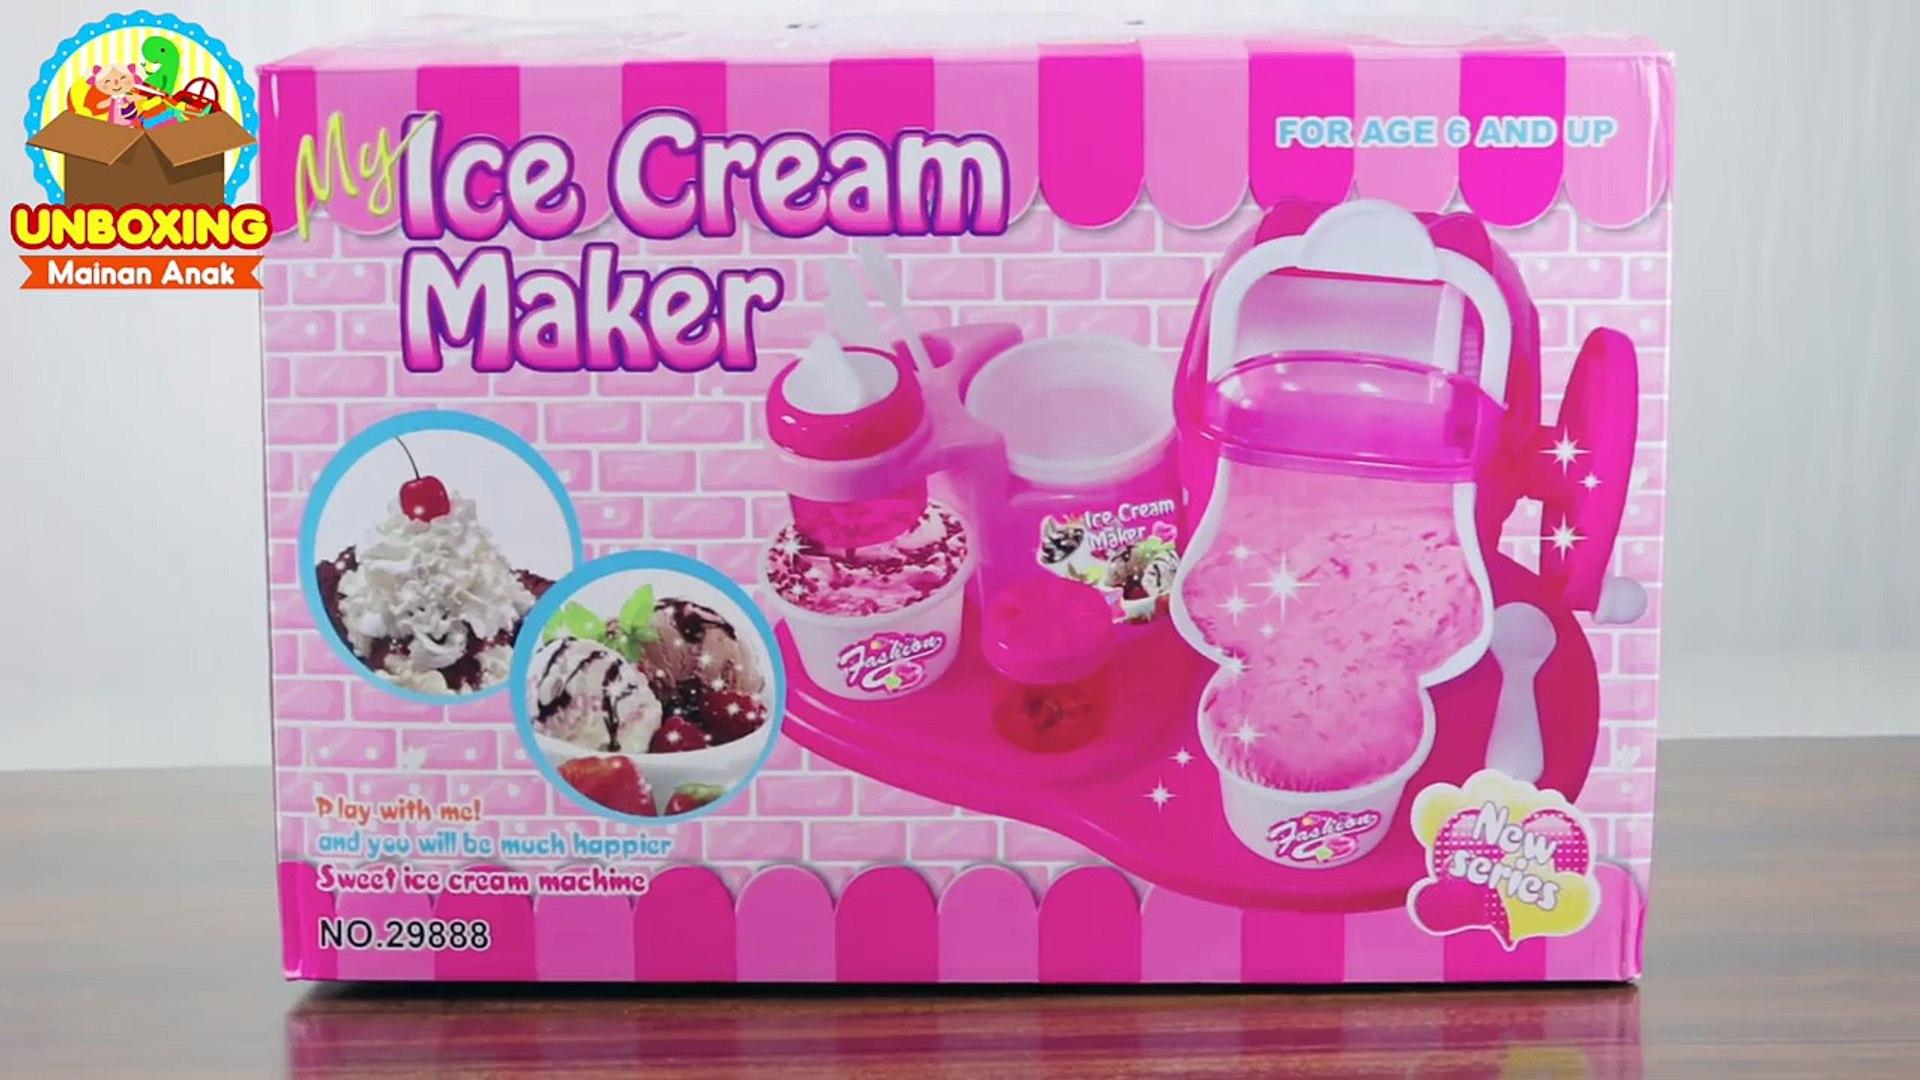 Mainan Anak My Ice Cream Maker Make Your Own Ice Cream Video Dailymotion